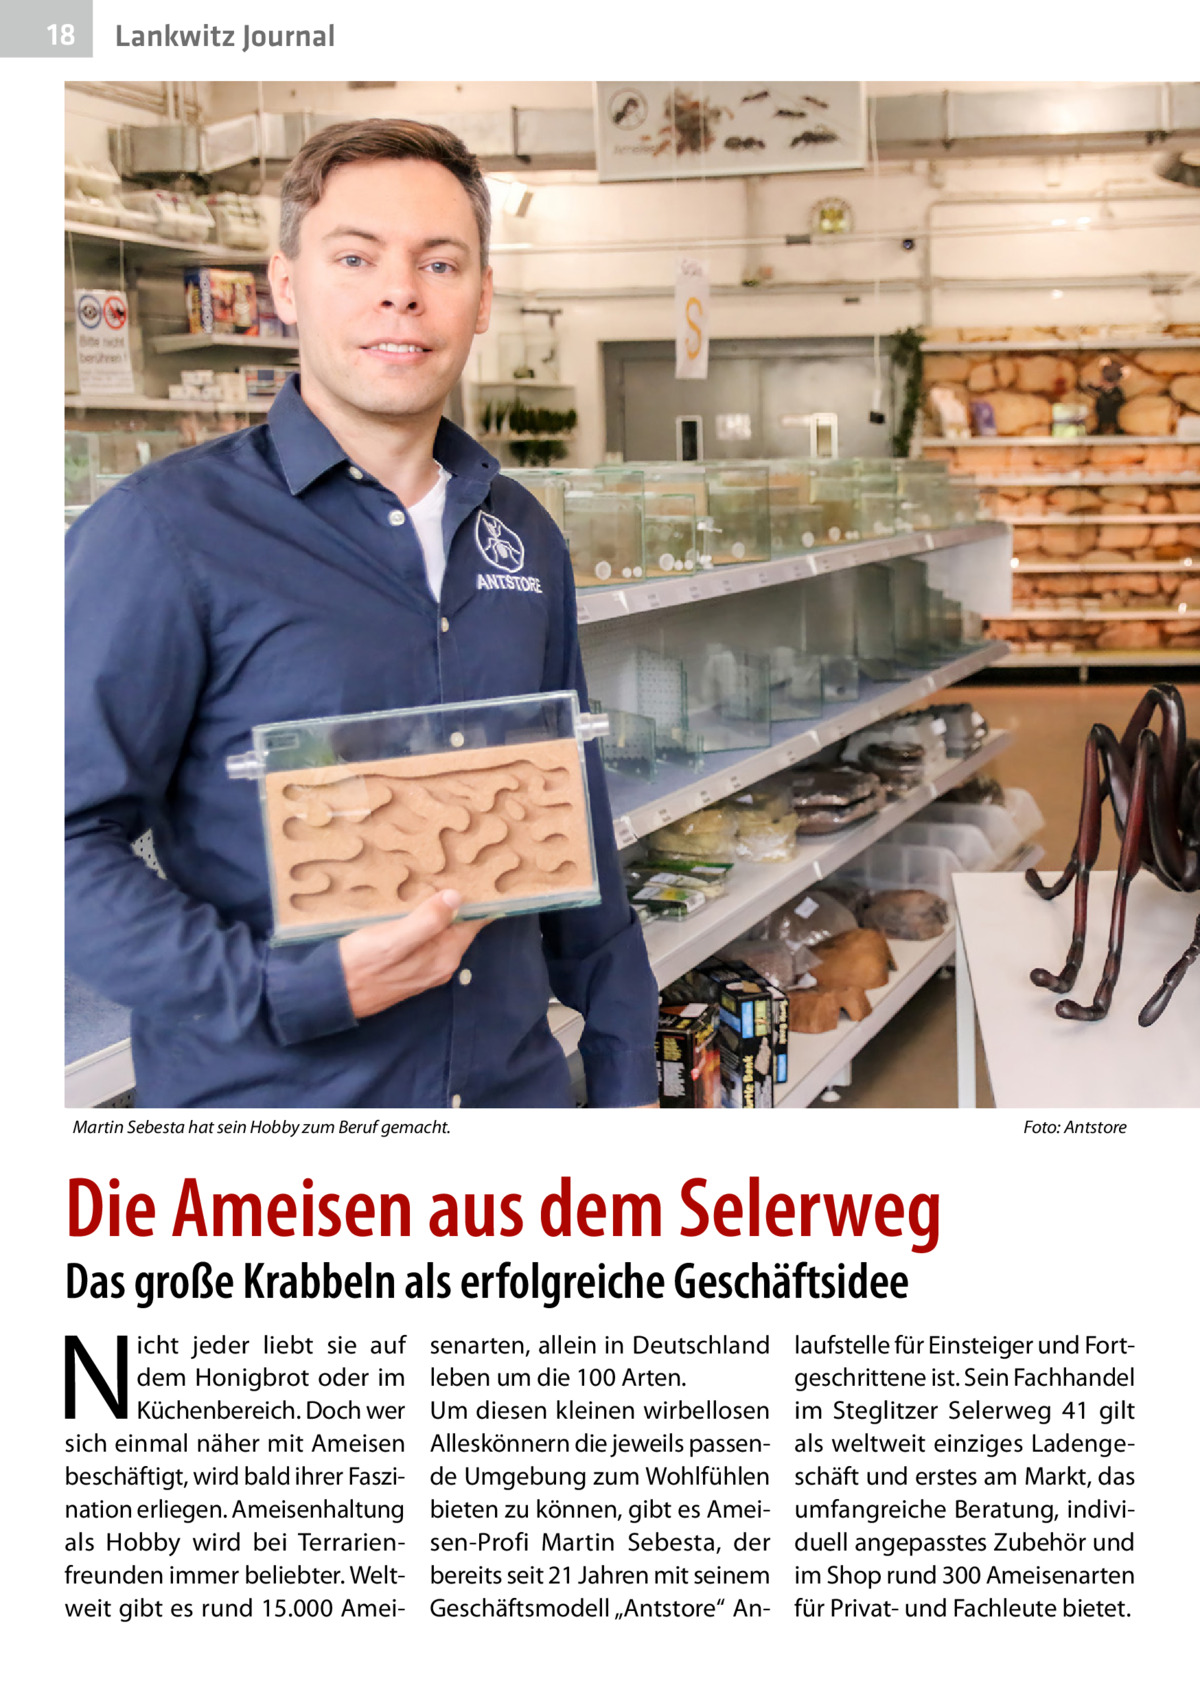 """18  Lankwitz Journal  Martin Sebesta hat sein Hobby zum Beruf gemacht.�  Foto: Antstore  Die Ameisen aus dem Selerweg Das große Krabbeln als erfolgreiche Geschäftsidee  N  icht jeder liebt sie auf dem Honigbrot oder im Küchenbereich. Doch wer sich einmal näher mit Ameisen beschäftigt, wird bald ihrer Faszination erliegen. Ameisenhaltung als Hobby wird bei Terrarienfreunden immer beliebter. Weltweit gibt es rund 15.000 Amei senarten, allein in Deutschland leben um die 100 Arten. Um diesen kleinen wirbellosen Alleskönnern die jeweils passende Umgebung zum Wohlfühlen bieten zu können, gibt es Ameisen-Profi Martin Sebesta, der bereits seit 21Jahren mit seinem Geschäftsmodell """"Antstore"""" An laufstelle für Einsteiger und Fortgeschrittene ist. Sein Fachhandel im Steglitzer Selerweg 41 gilt als weltweit einziges Ladengeschäft und erstes am Markt, das umfangreiche Beratung, individuell angepasstes Zubehör und im Shop rund 300 Ameisenarten für Privat- und Fachleute bietet."""